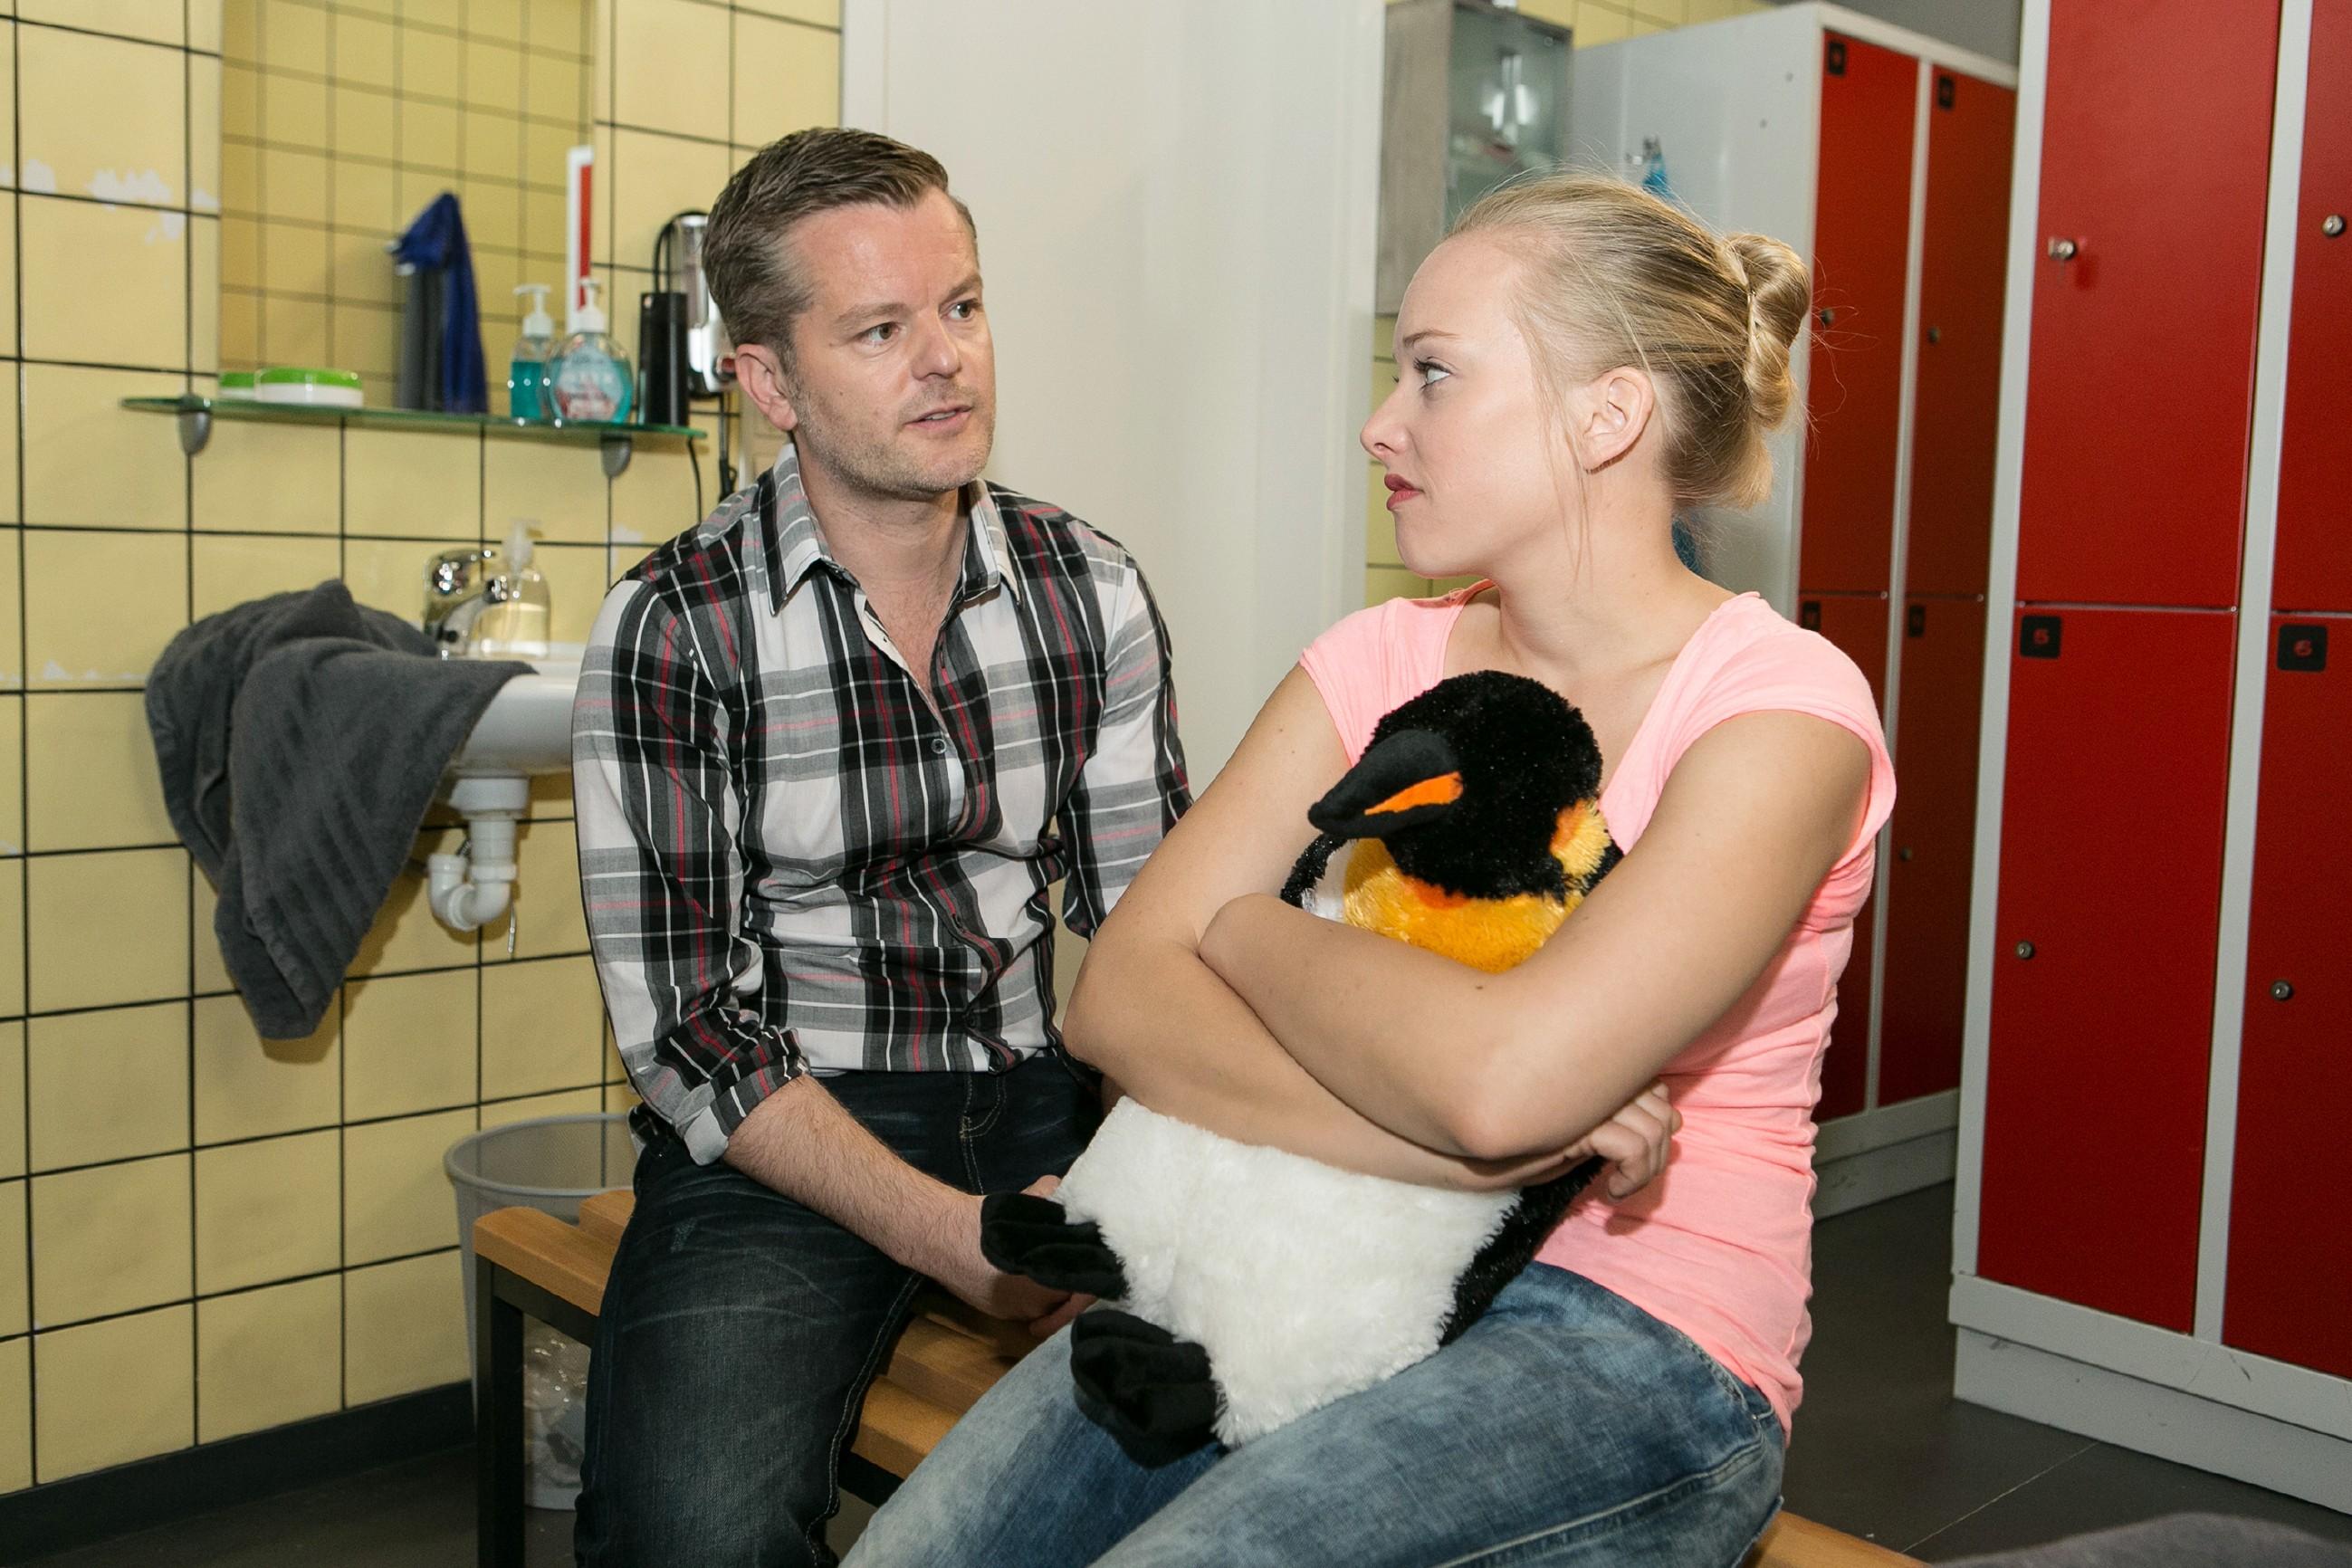 Marie (Judith Neumann) hat mit der Doppelbelastung ihres Trainings und den Aufgaben für VibraFace zu kämpfen, doch Ingo (André Dietz) steht ihr zur Seite und schafft es, Marie neue Energie zu geben. (Quelle: RTL / Kai Schulz)